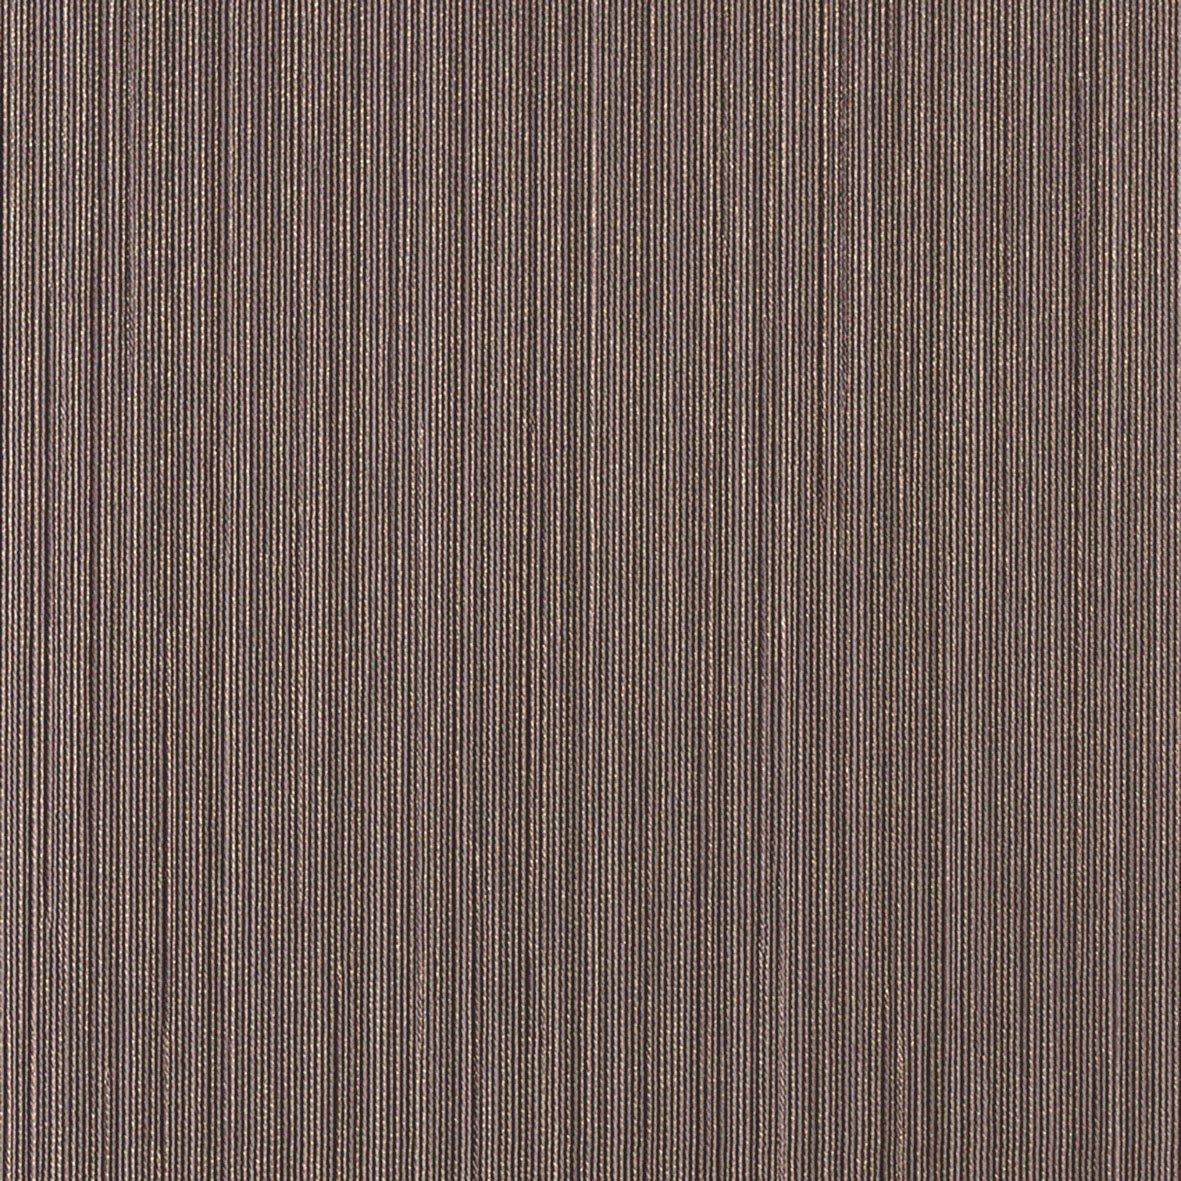 リリカラ 壁紙24m シック ストライプ ブラウン タフクリーン LV-6017 B01IHOW274 24m|ブラウン